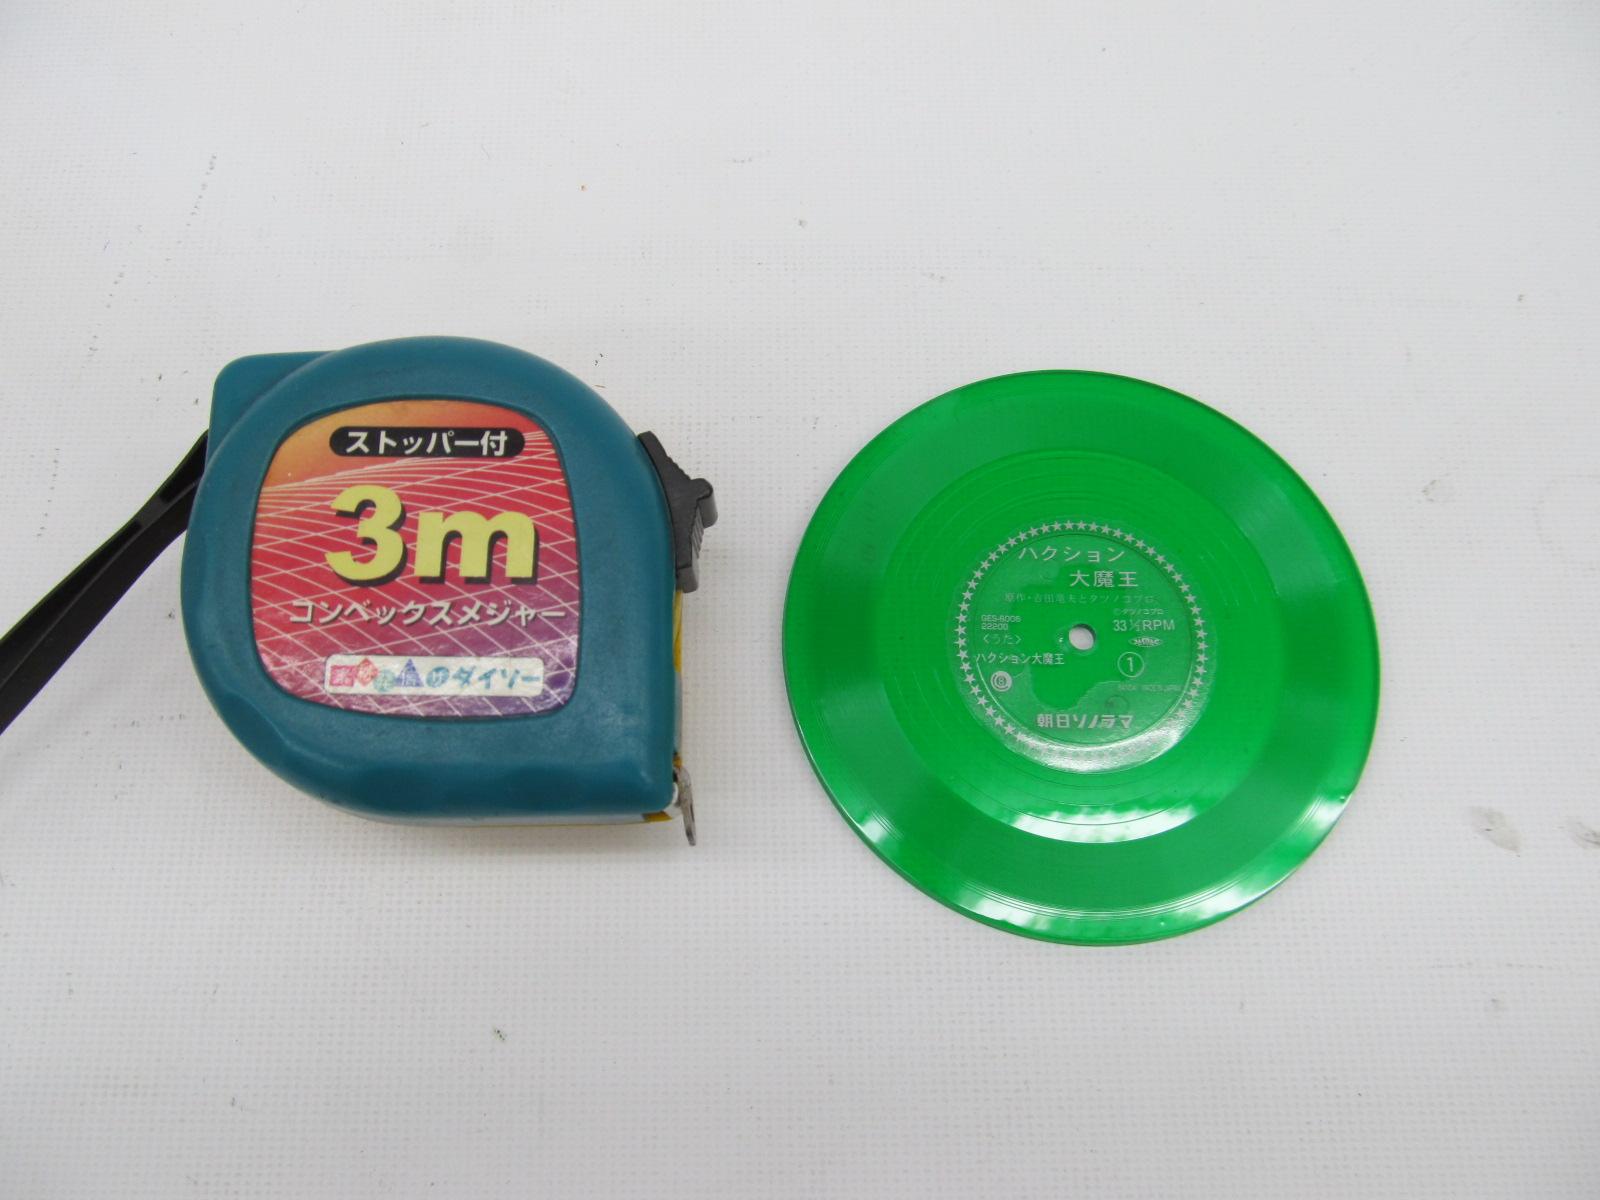 超スモールサイズのレコードプレーヤー!_[4]